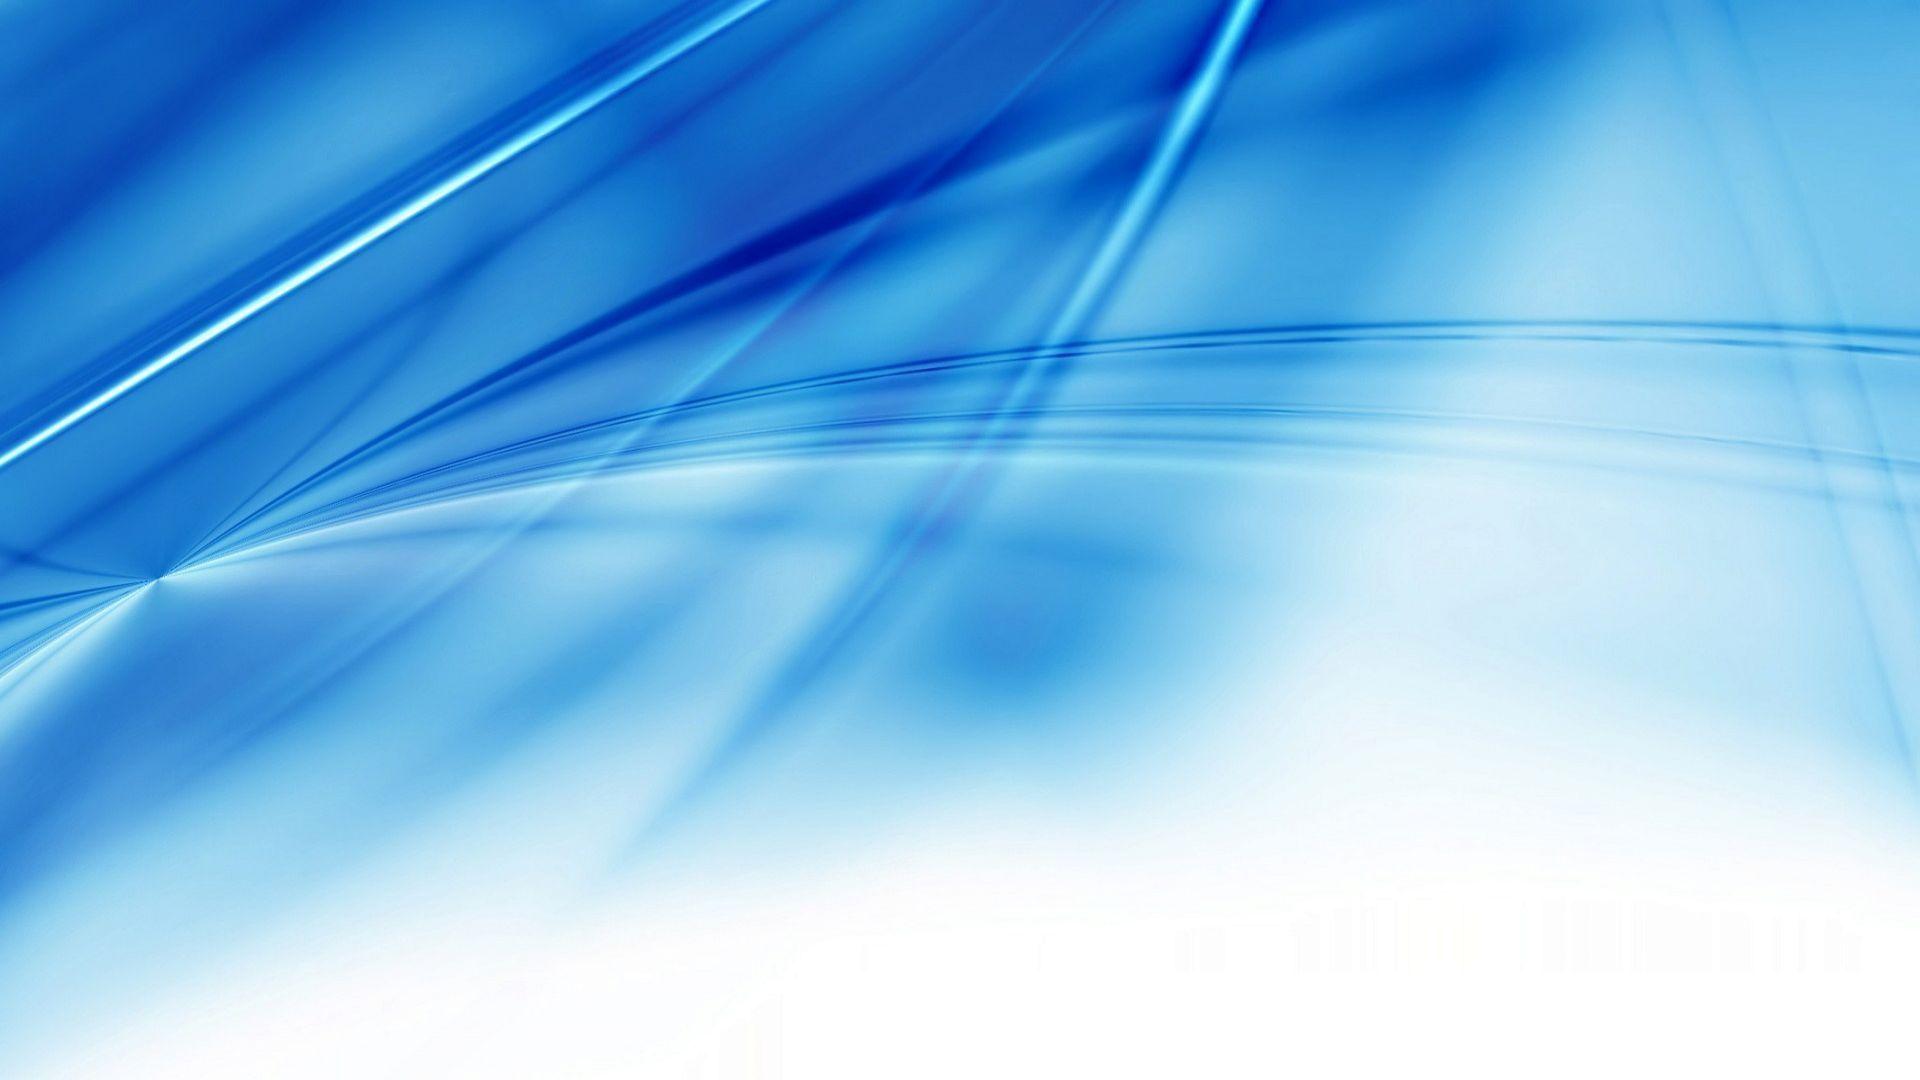 Deep Blue Desktop Wallpaper Best Wallpaper Hd Blue White Background Blue Background Wallpapers Background Hd Wallpaper